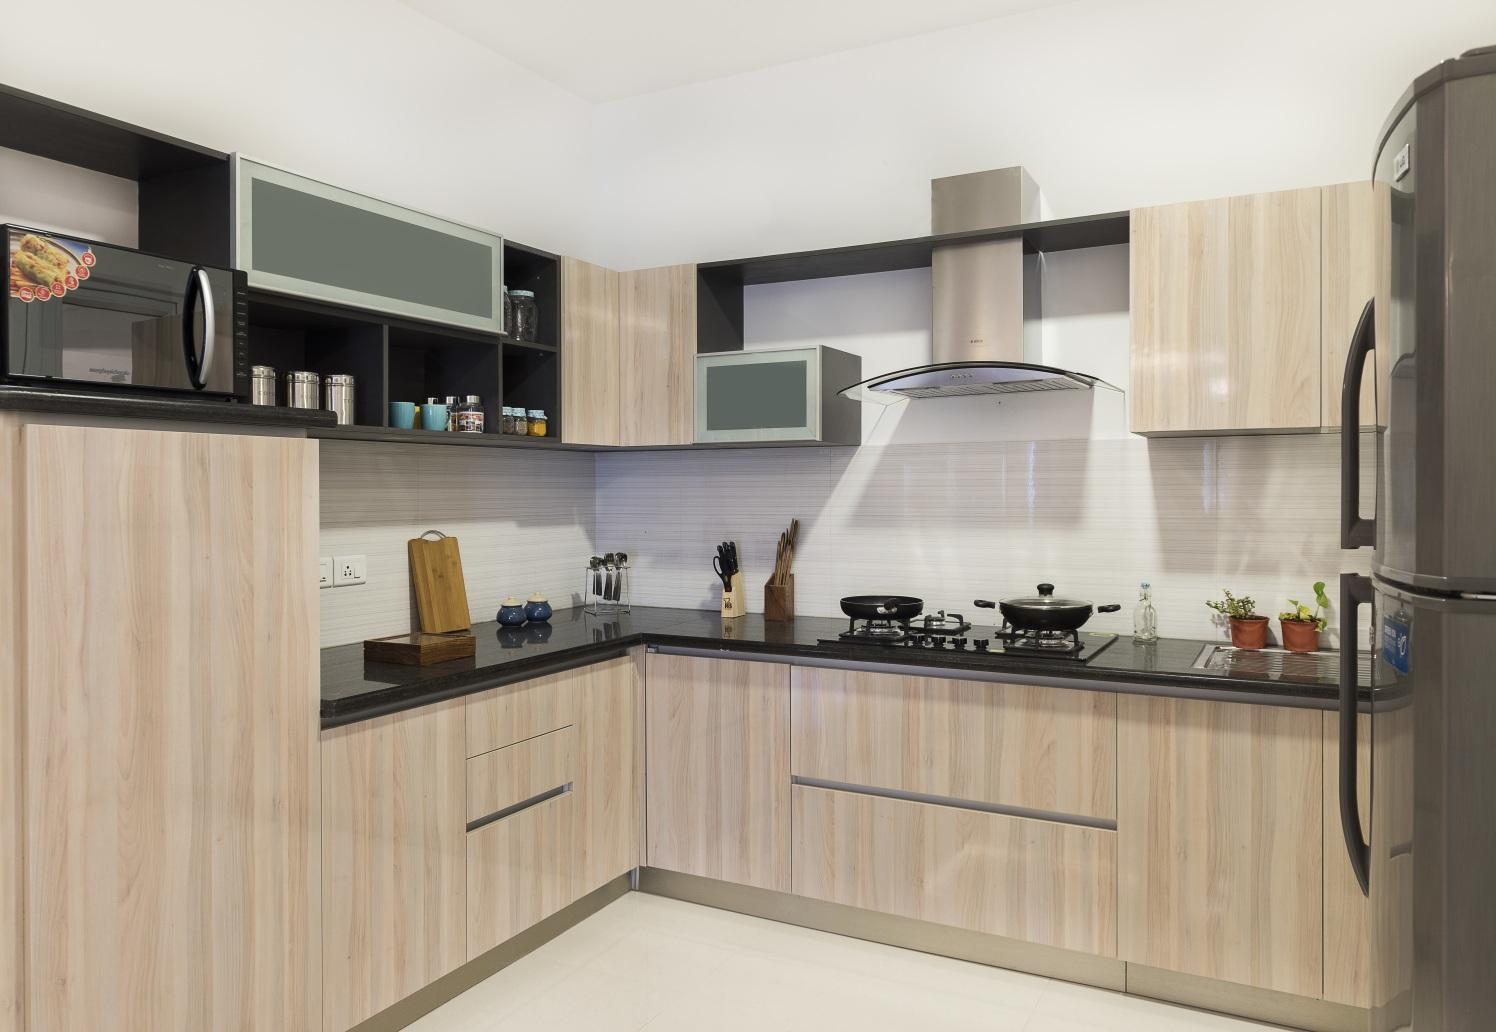 The Veneered Kitchen by HomeLane Modular-kitchen Modern | Interior Design Photos & Ideas